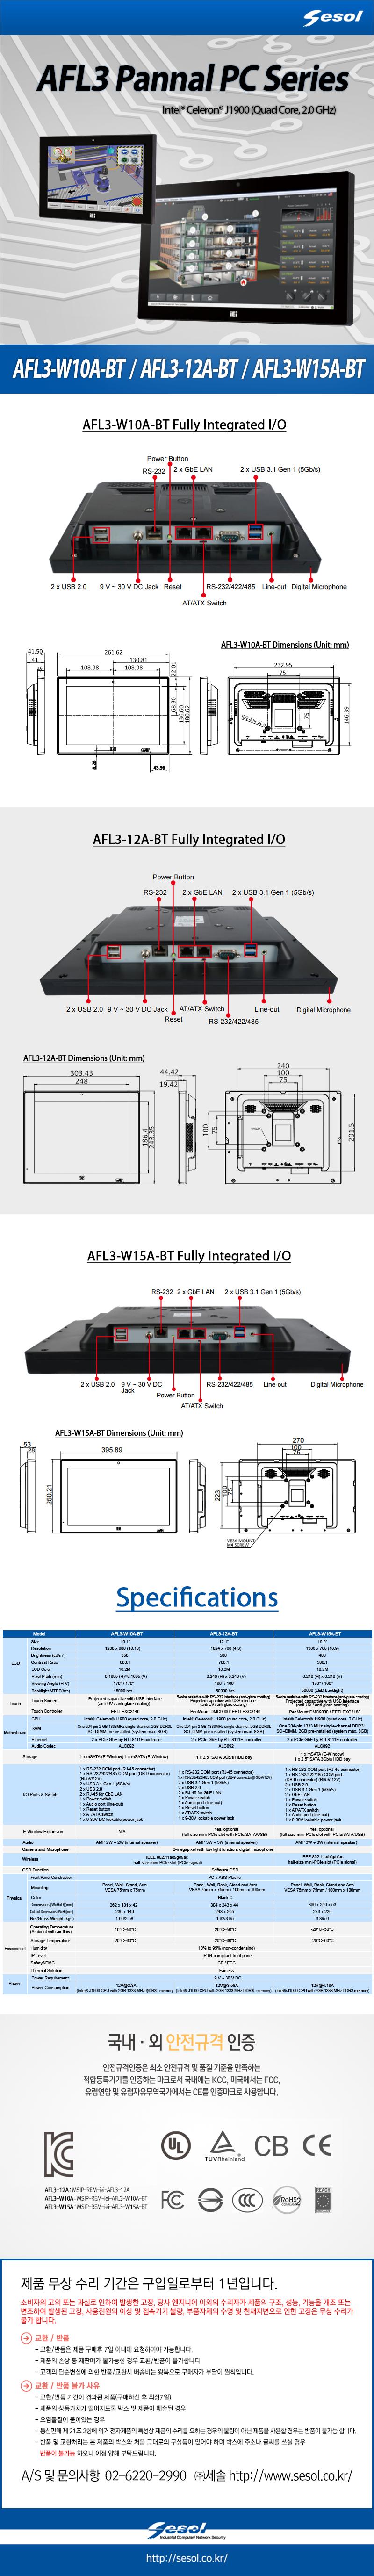 세솔 AFL3-12A 12 산업용 패널피씨 (베어본)